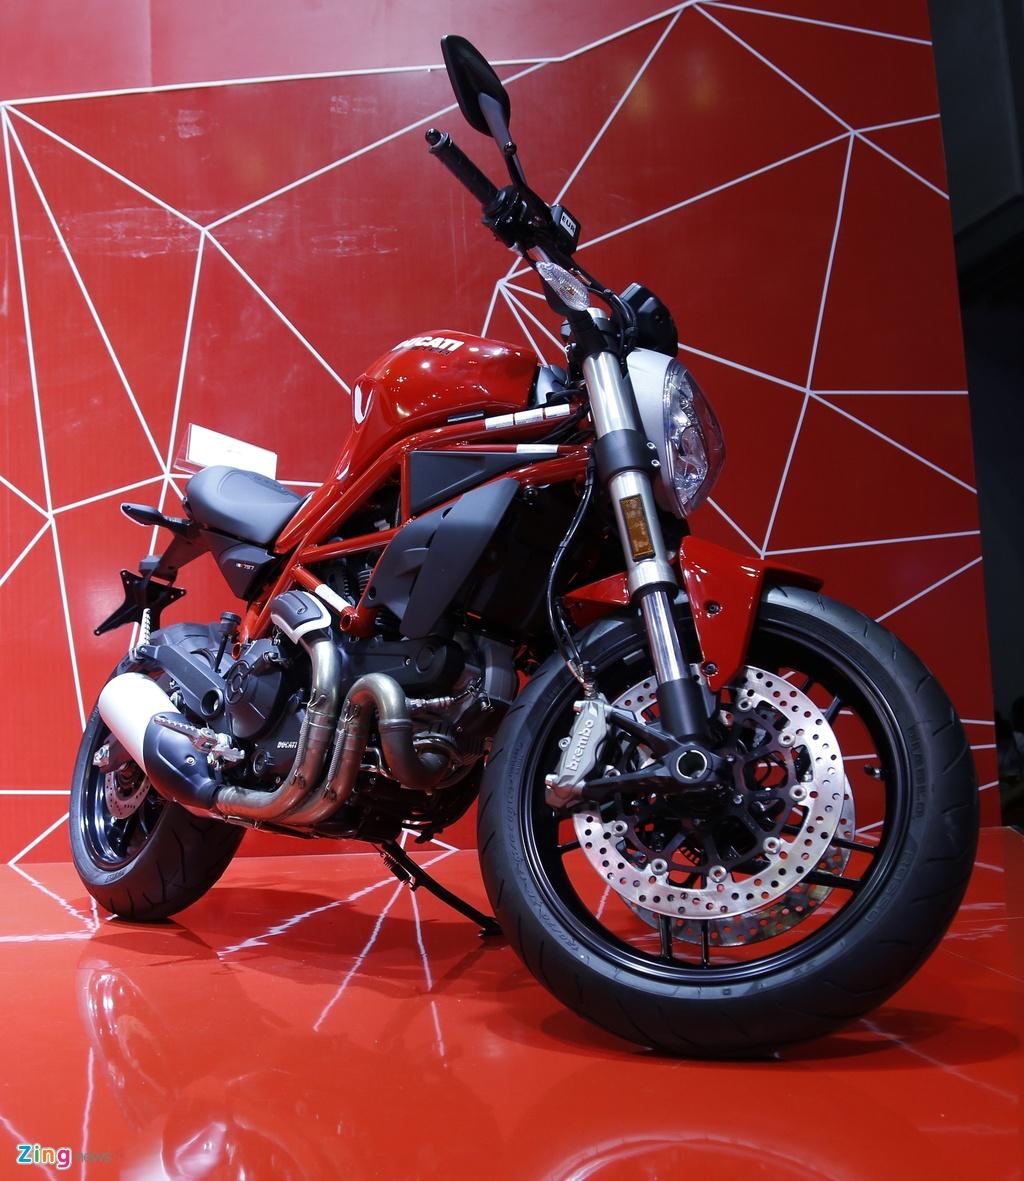 Chi tiet Ducati Monster 797 gia 390 trieu moi ra mat tai Viet Nam hinh anh 1